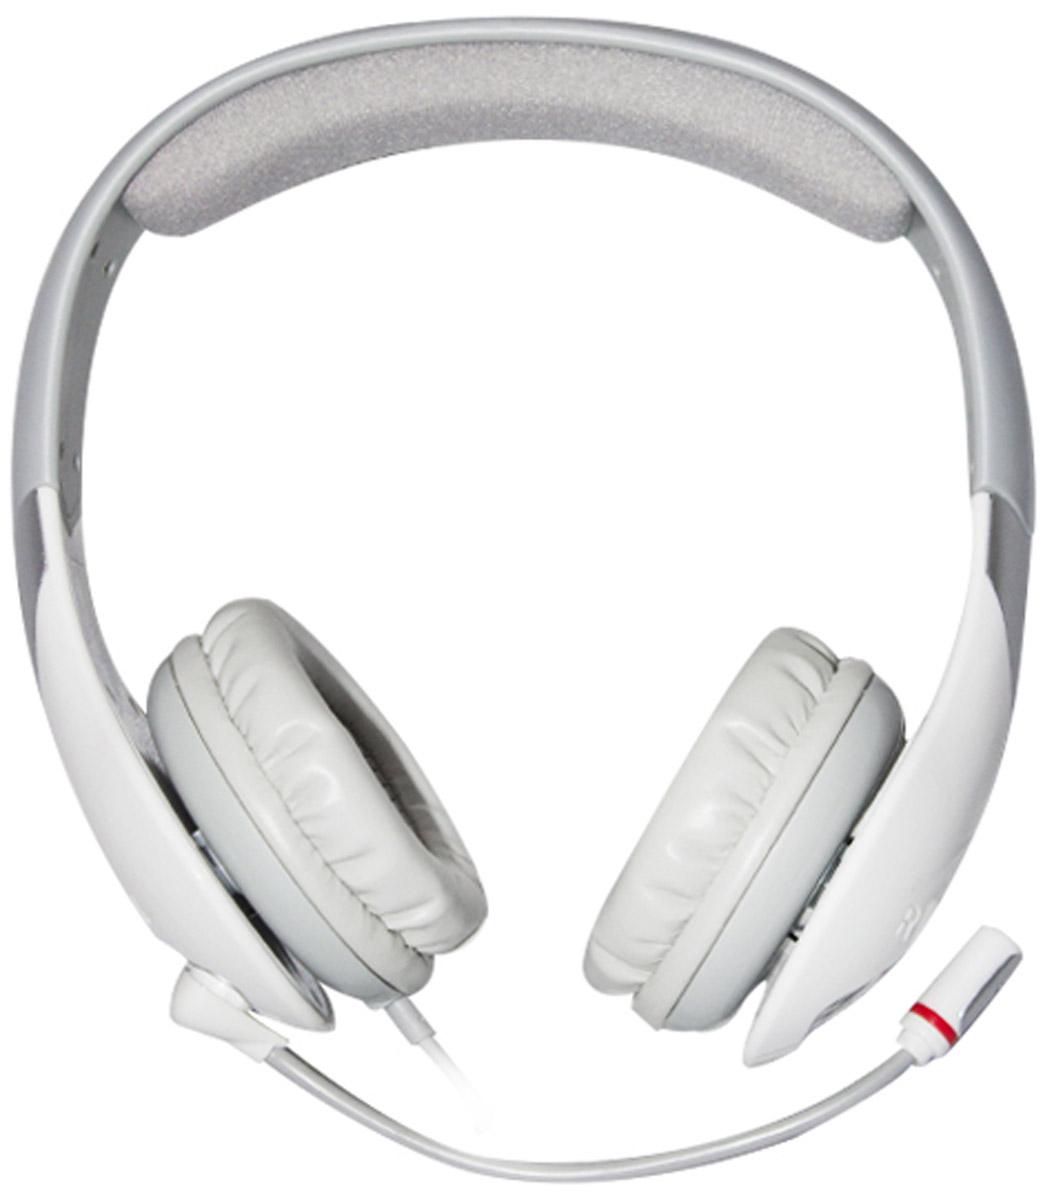 Qcyber Neon, White игровые наушникиGH7000whiteарнитура имеет встроенную звуковую плату системы 7.1 с поддержкой Dolby Headphone и Pro Logic, а это означает, что игровая гарнитура Neon White позволяет насладиться глубоким, насыщенным и невероятно точным пространственным звучанием. Каждый из восьми звуковых каналов будет работать на вашу победу – определить направление вражеского выстрела с гарнитурой Qcyber Neon White станет проще простого! Каждая из чашек наушников закреплена на подвижном кронштейне. Данная конструкция обеспечивает максимально точную подстройку для идеальной посадки. Мягкие амбушюры из эко-кожи очень приятны в использовании и благодаря своим небольшим размерам плотно прилегают к ушам, что положительно влияет на эффективность шумоизоляции. Регулируемое оголовье гарантирует непревзойденный комфорт. Обшито мягким материалом, что еще больше повышает уровень удобства. На Qcyber Neon White установлен всенаправленный микрофон с функцией шумоподавления. Если вы общаетесь или играете в...